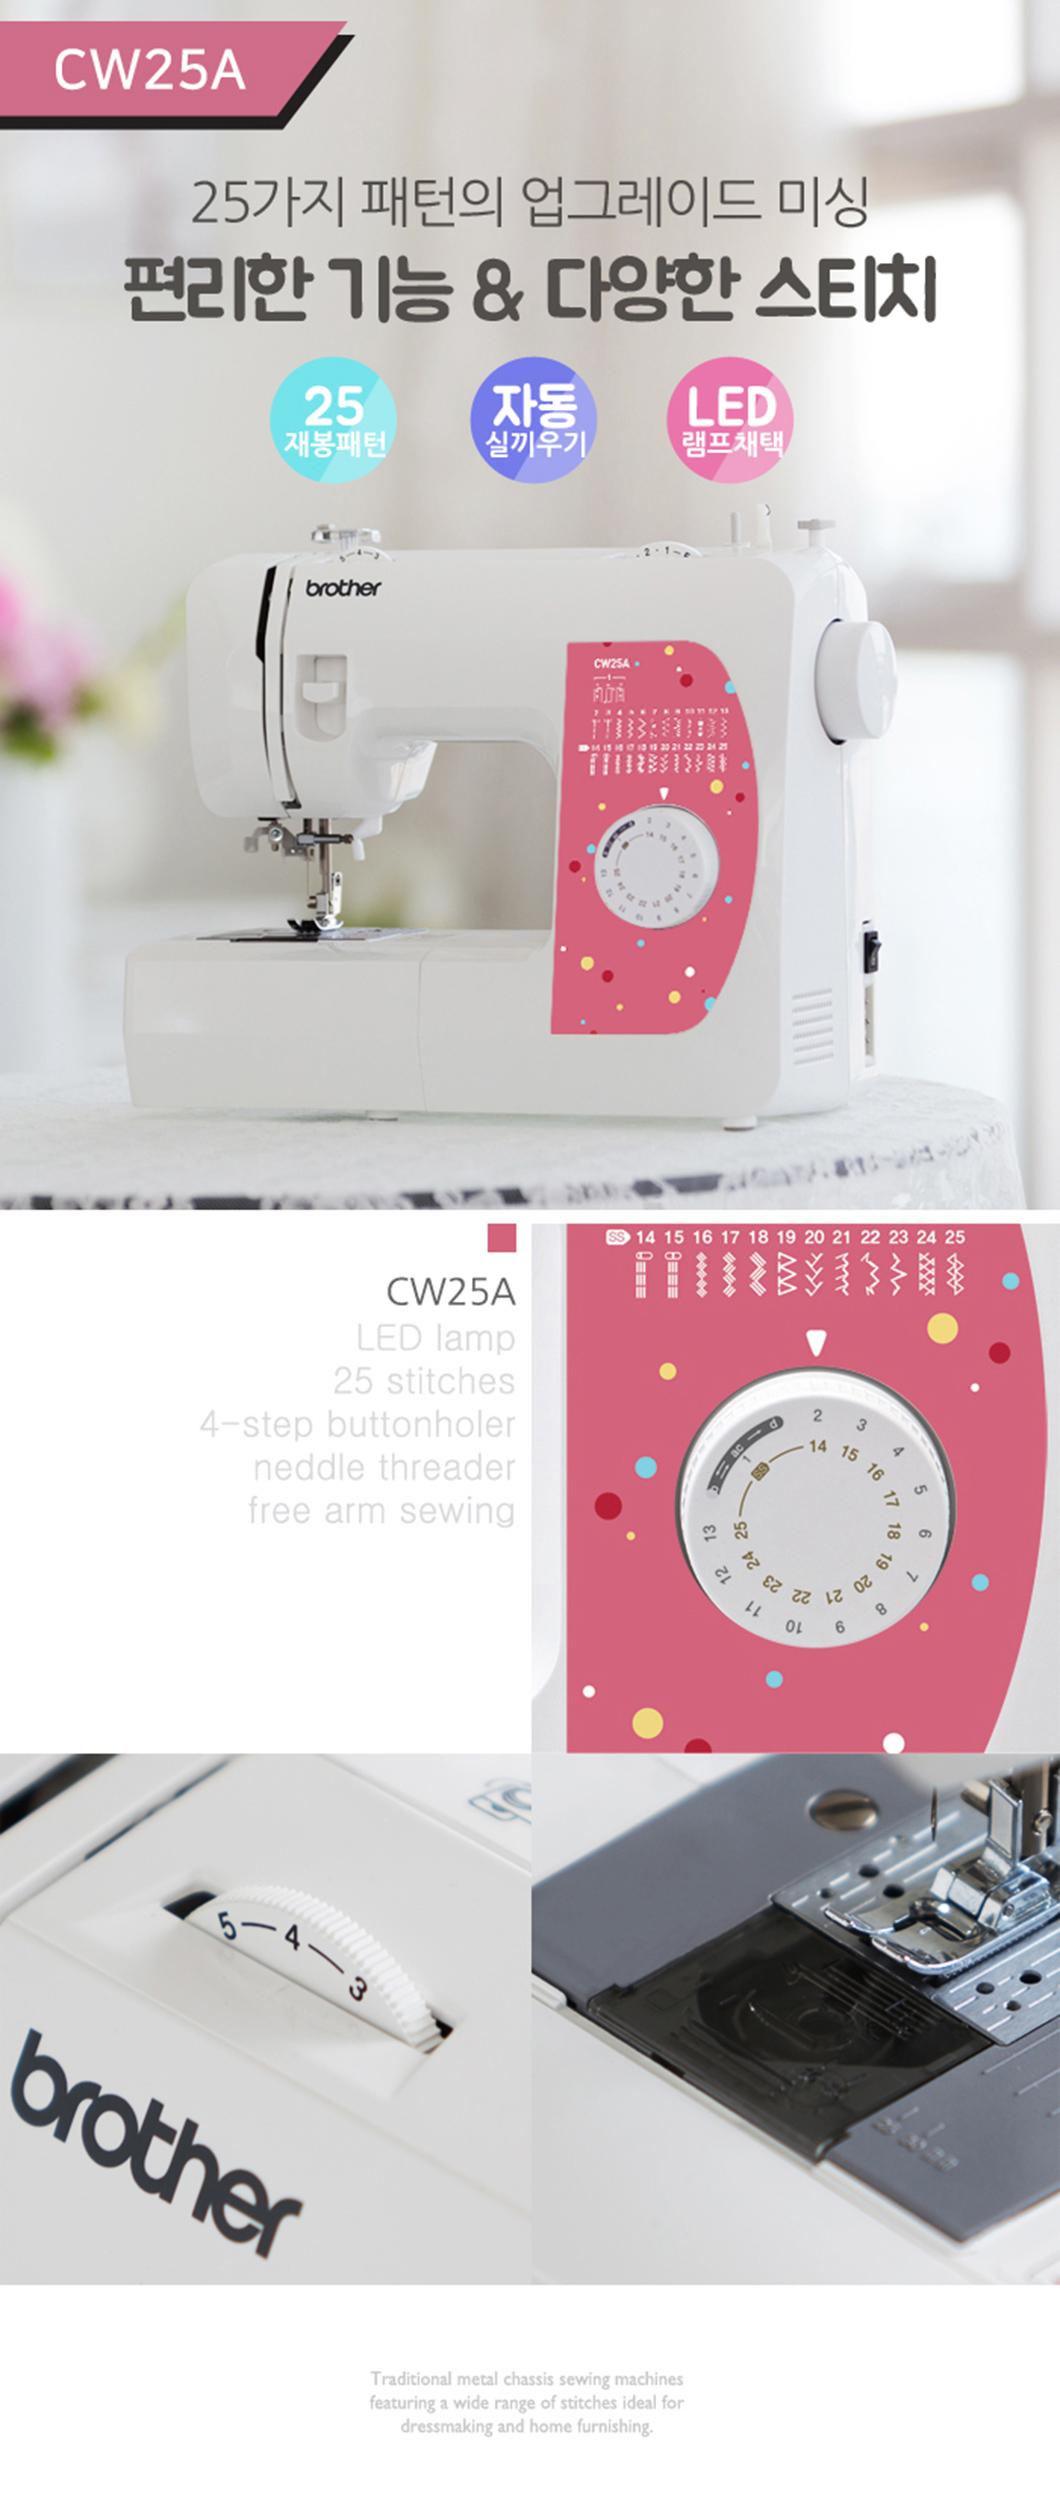 CW25A(1)_1060_01.jpg